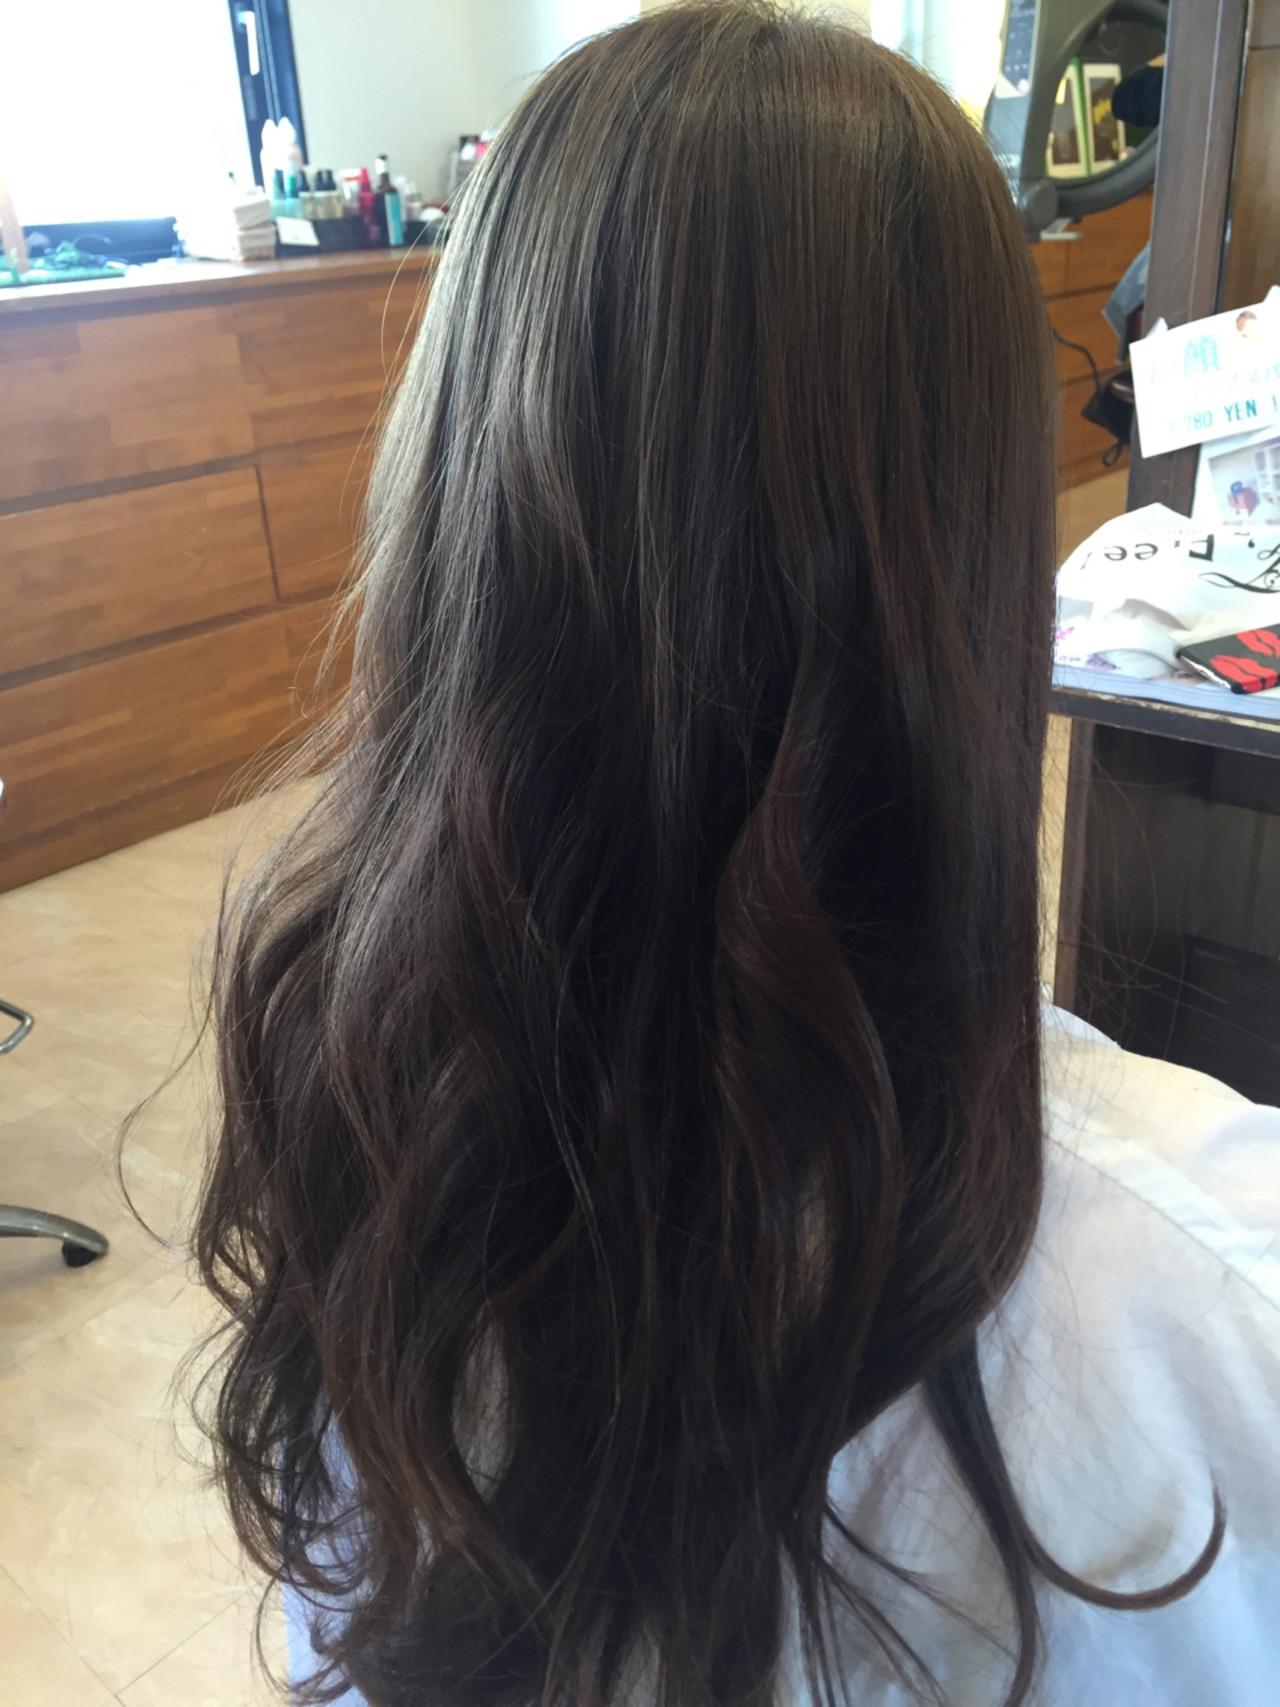 グレージュ ストリート かっこいい 大人女子ヘアスタイルや髪型の写真・画像